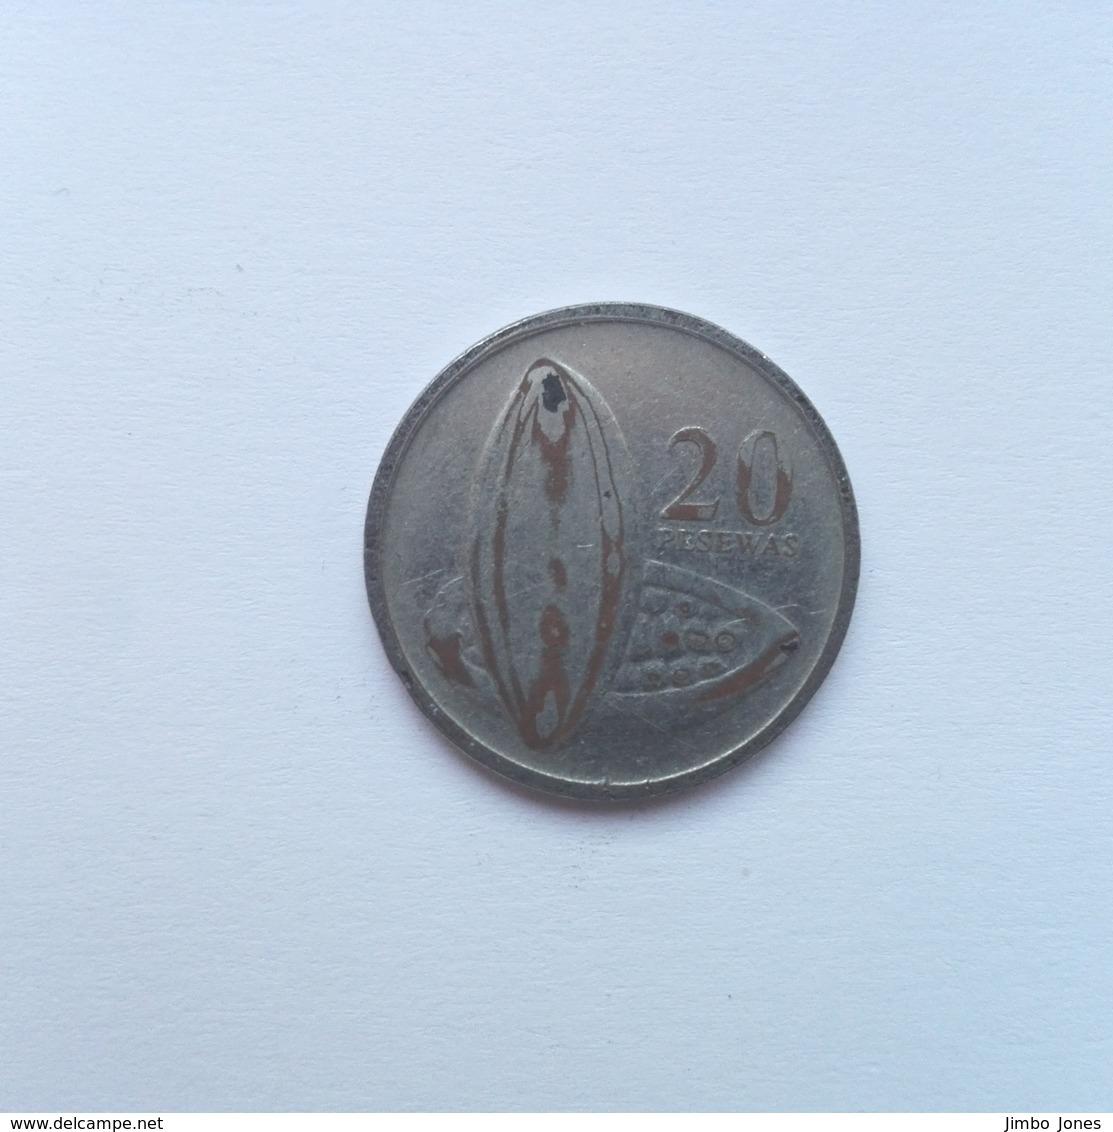 20 Pesewas Münze Aus Ghana Von 2007 (sehr Schön) - Ghana